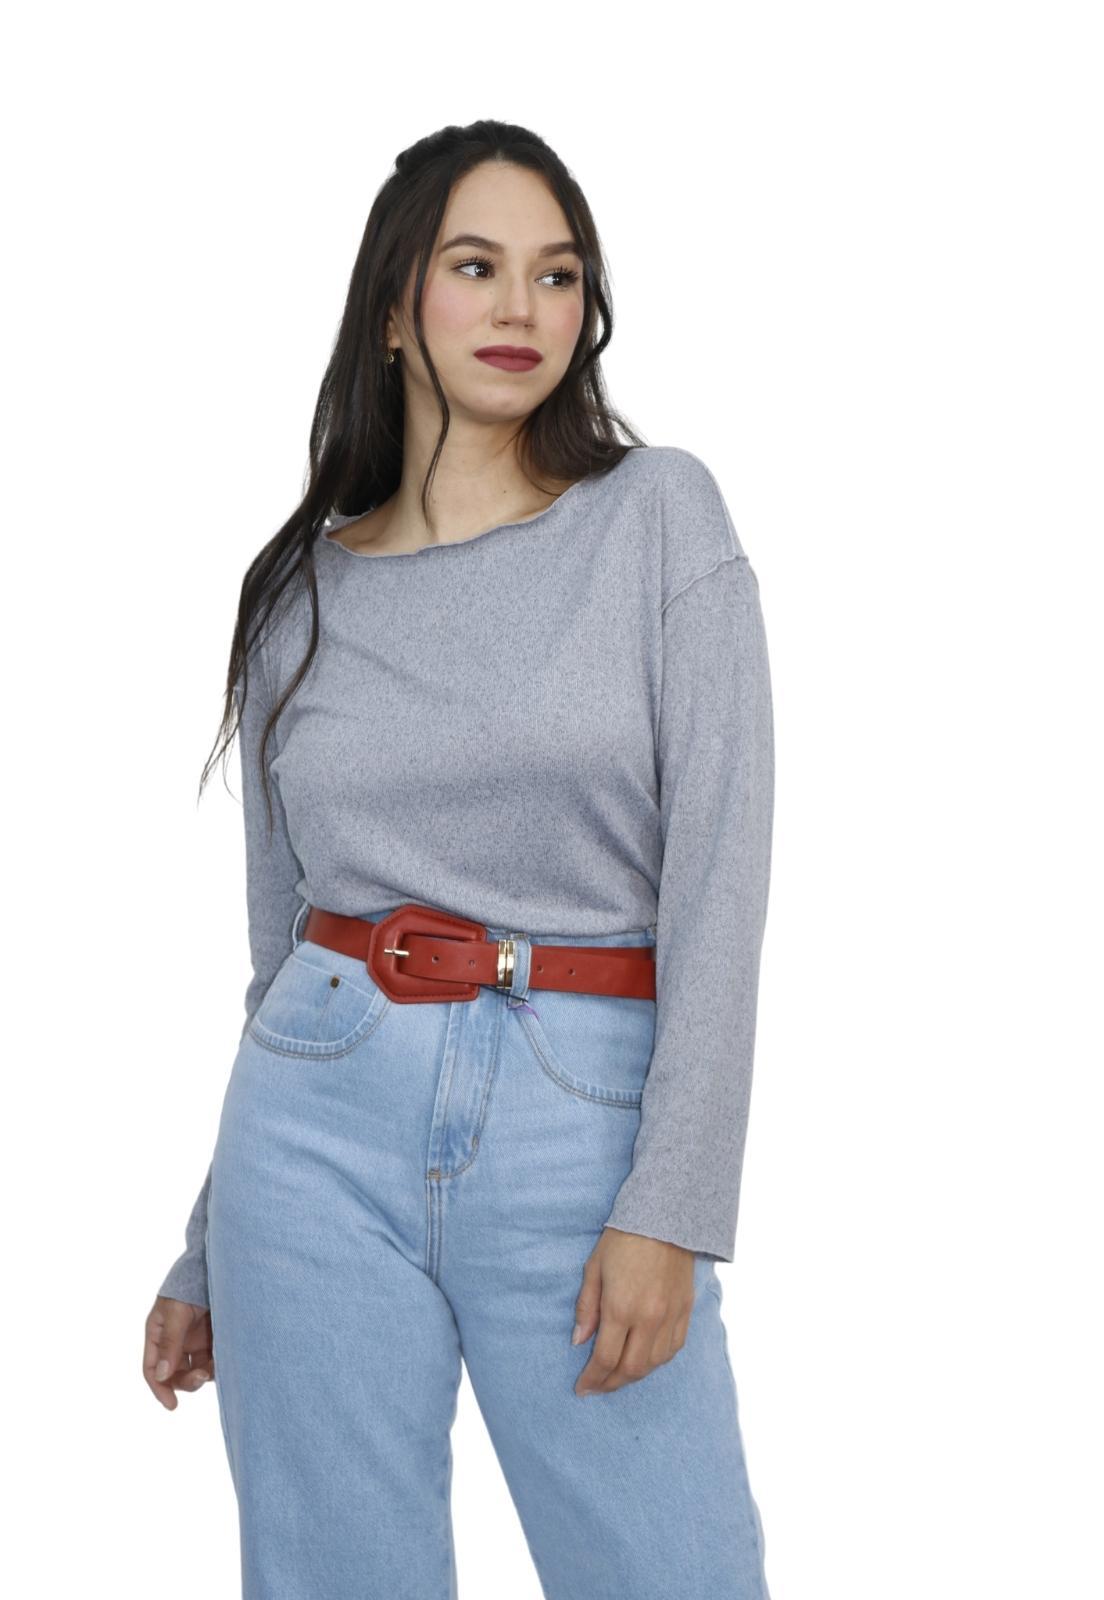 Blusa Feminina Lanzinha Costura ao Avesso